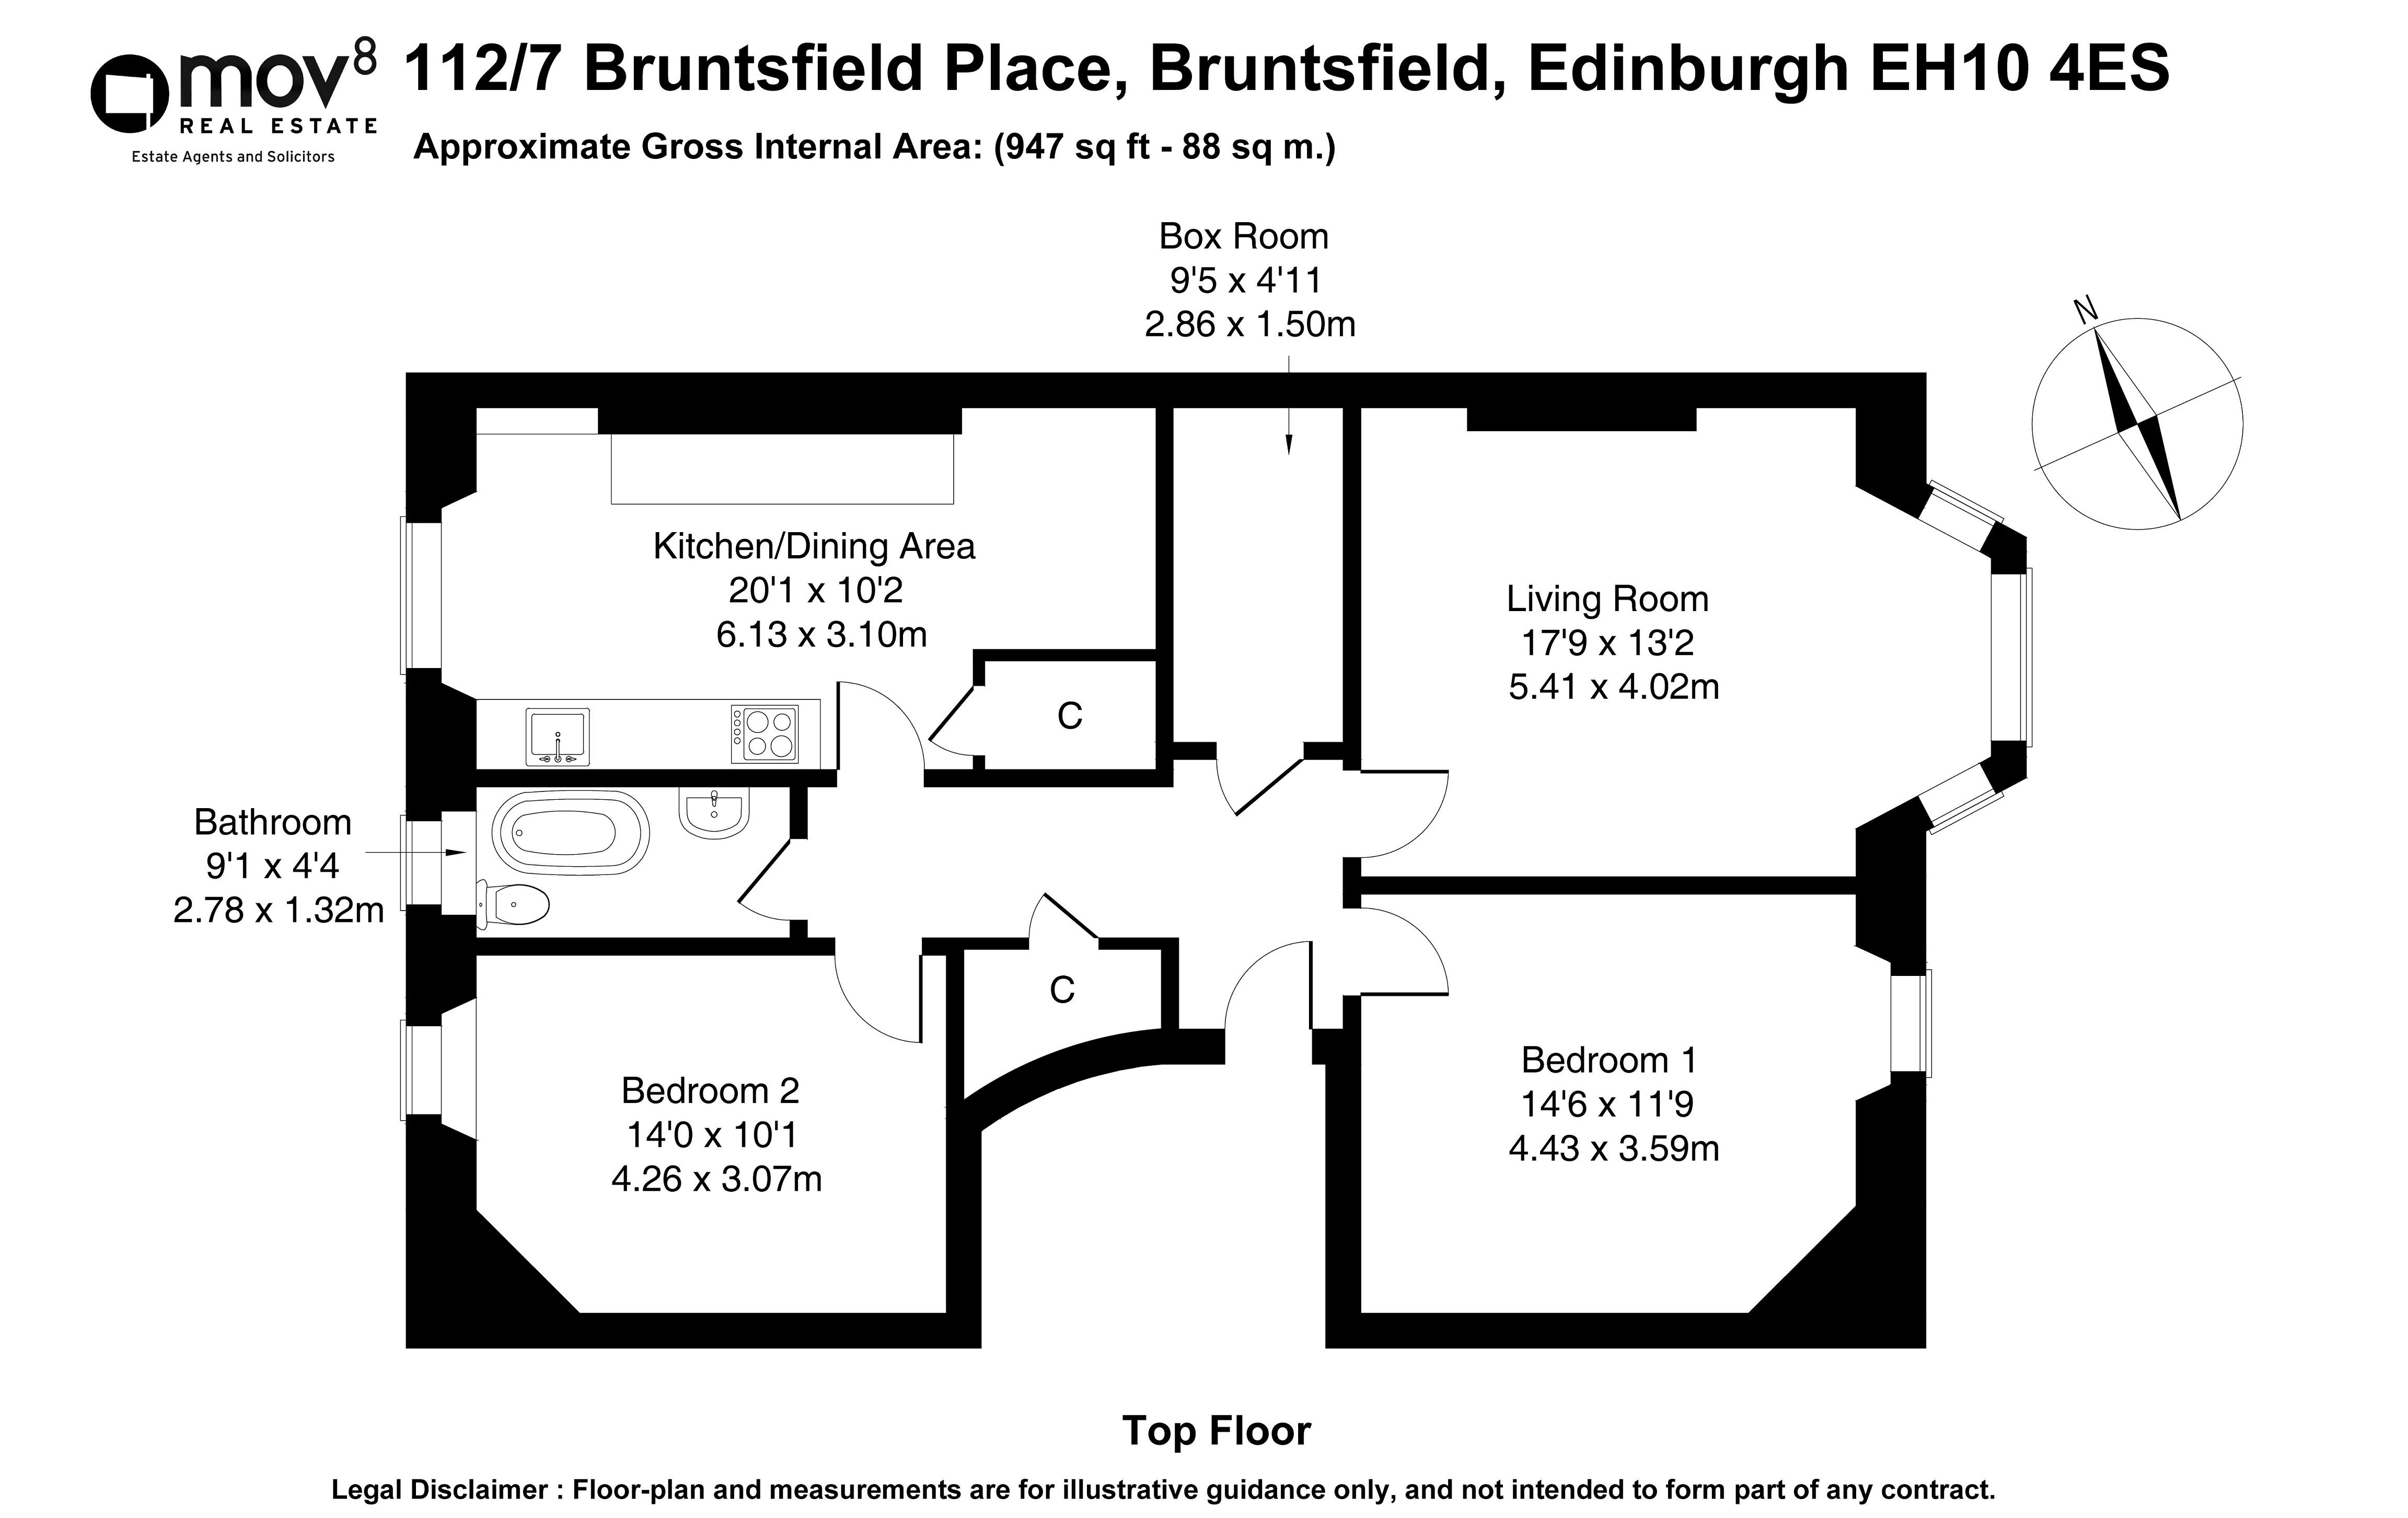 Floorplan 1 of 112/7, Bruntsfield Place, Bruntsfield, Edinburgh, EH10 4ES